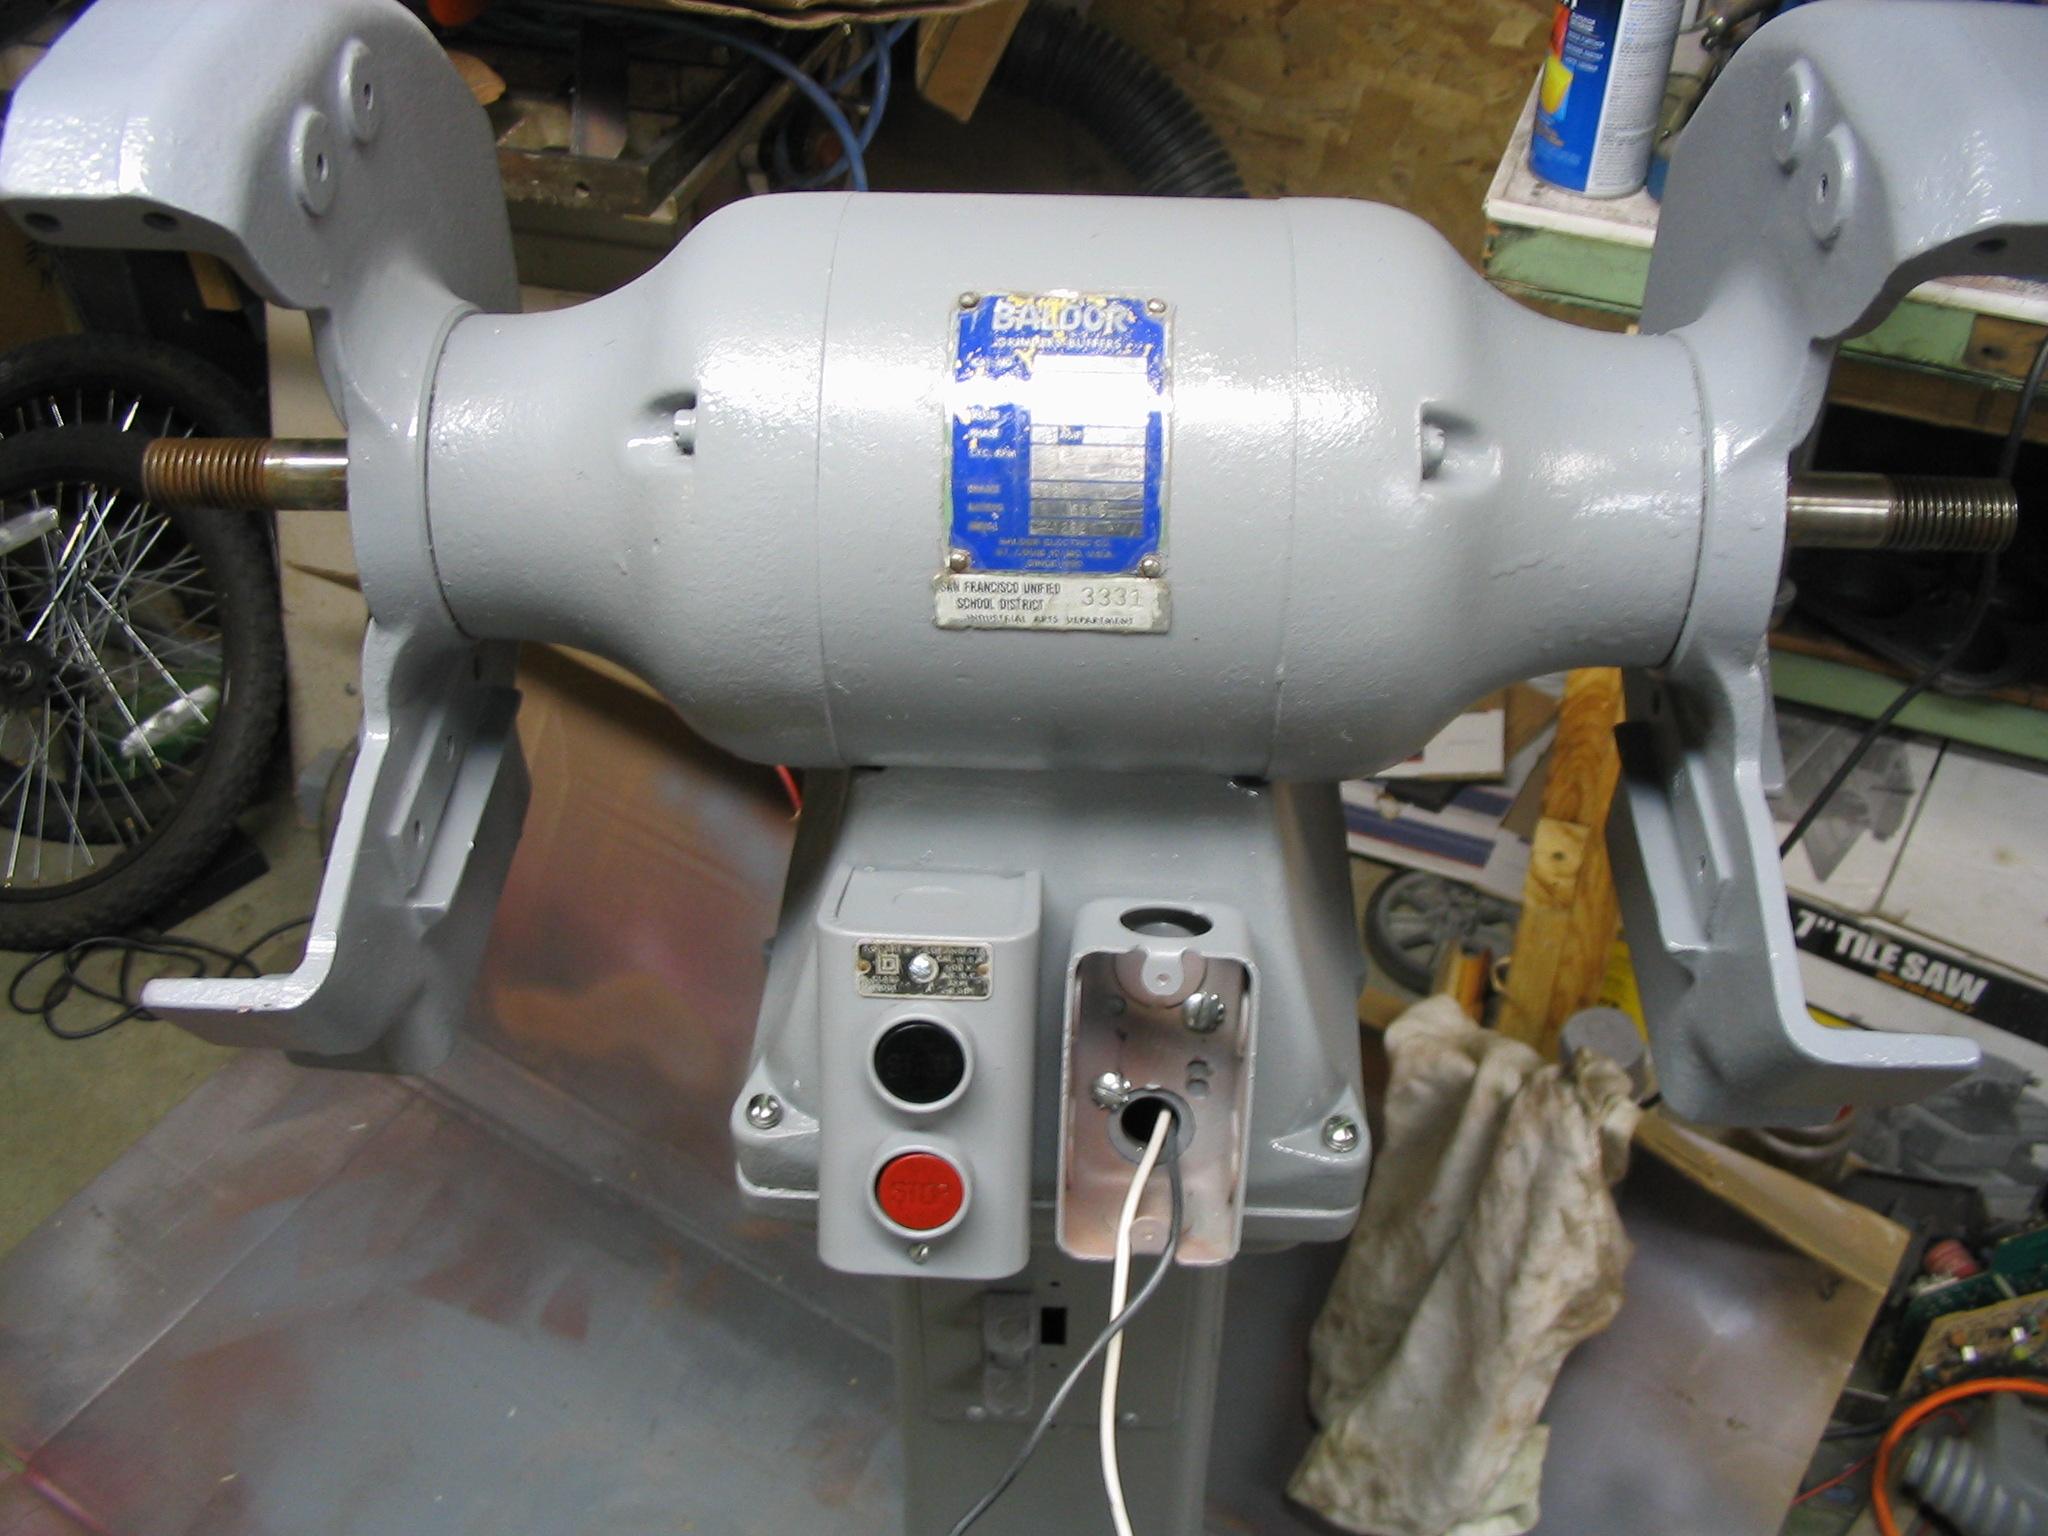 Wiring Diagram 120 240 Bench Grinder Schematics Diagrams Delta Vac Photocell Dayton Switch Old